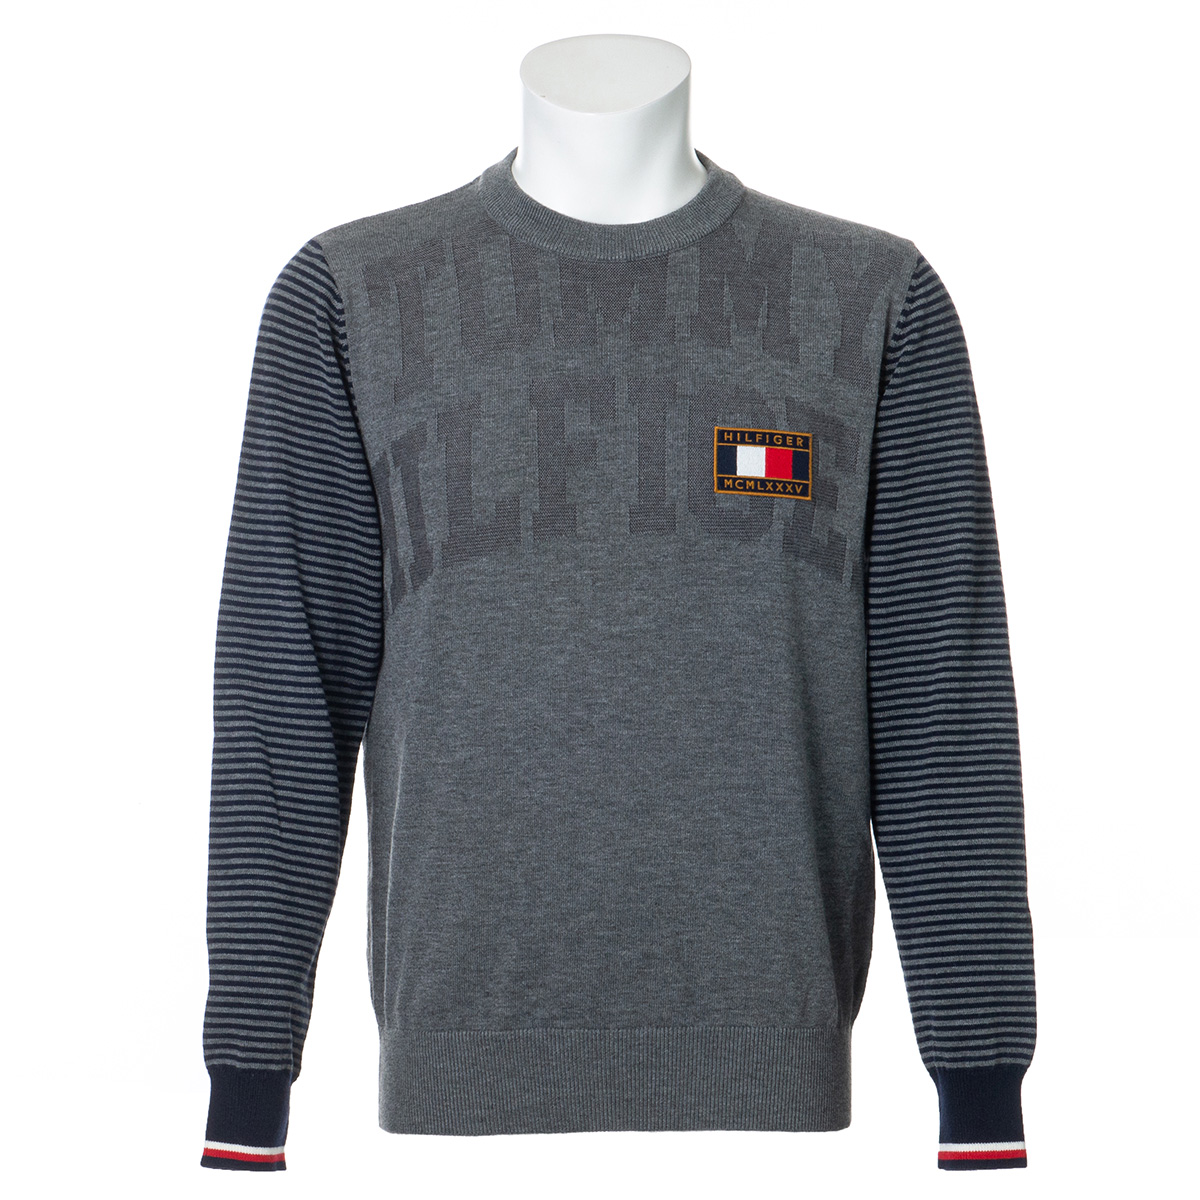 ジャカードクルーネックセーター